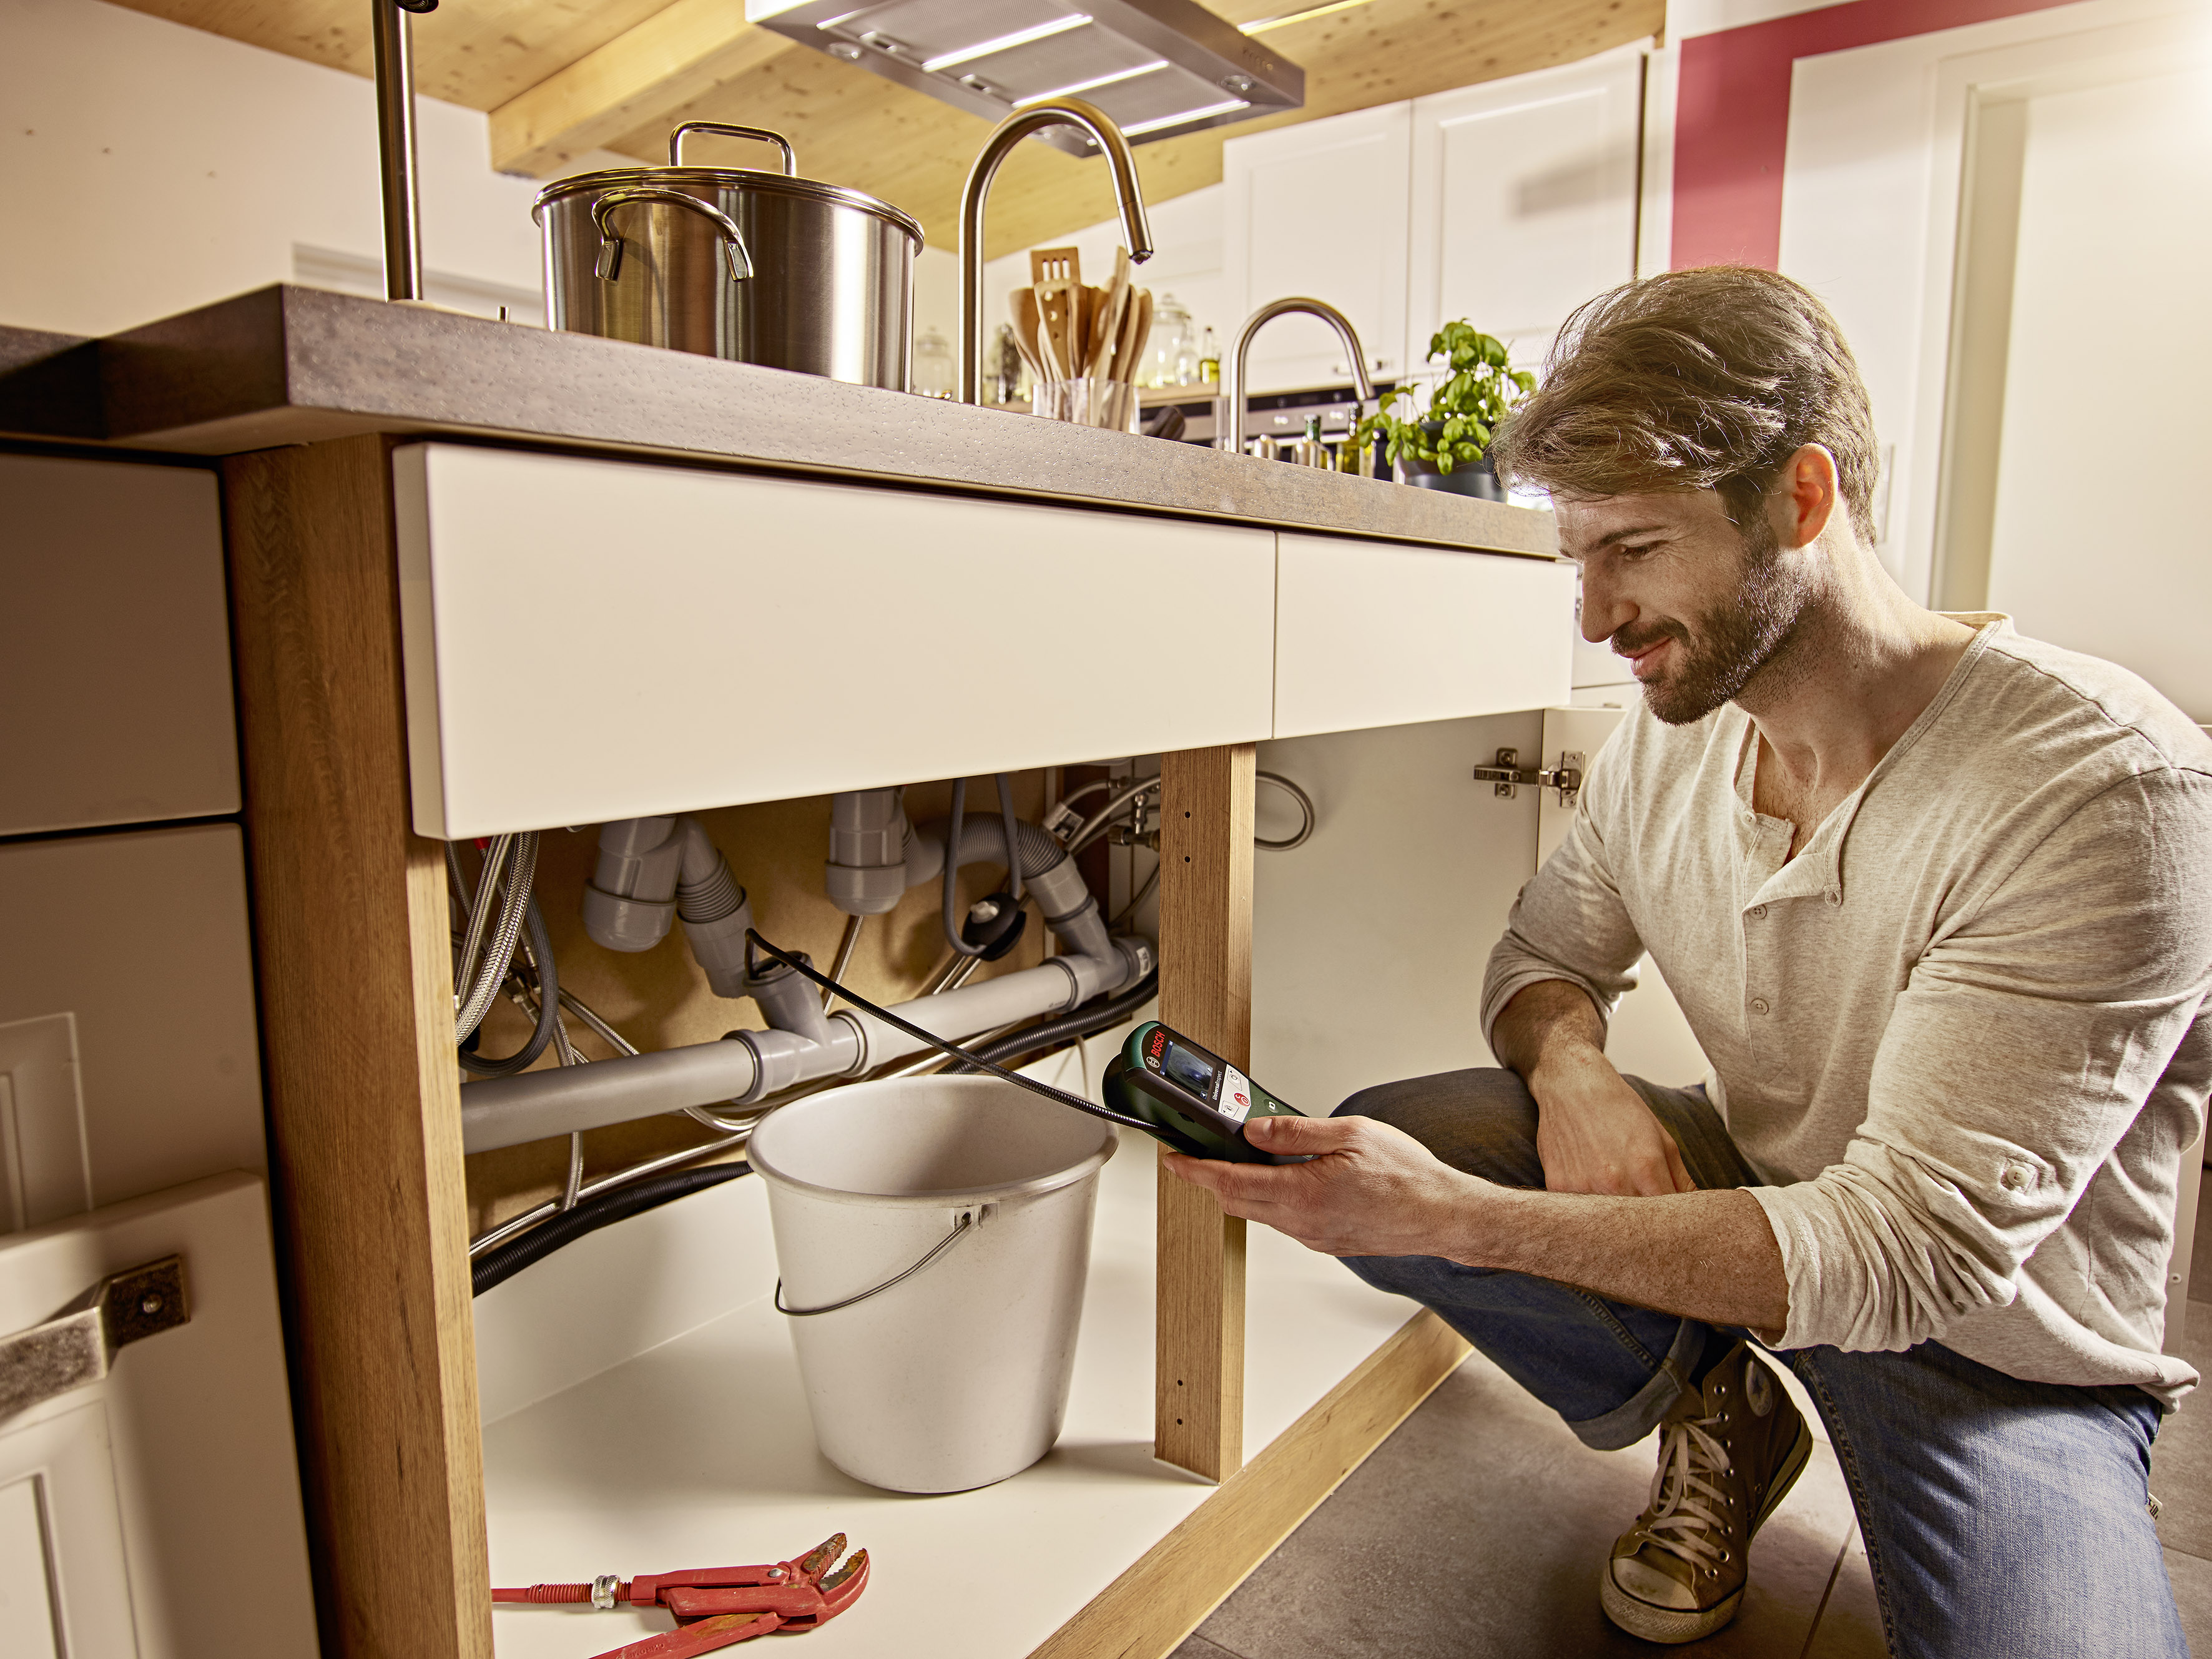 Ispezione e documentazione semplici: telecamera da ispezione UniversalInspect di Bosch